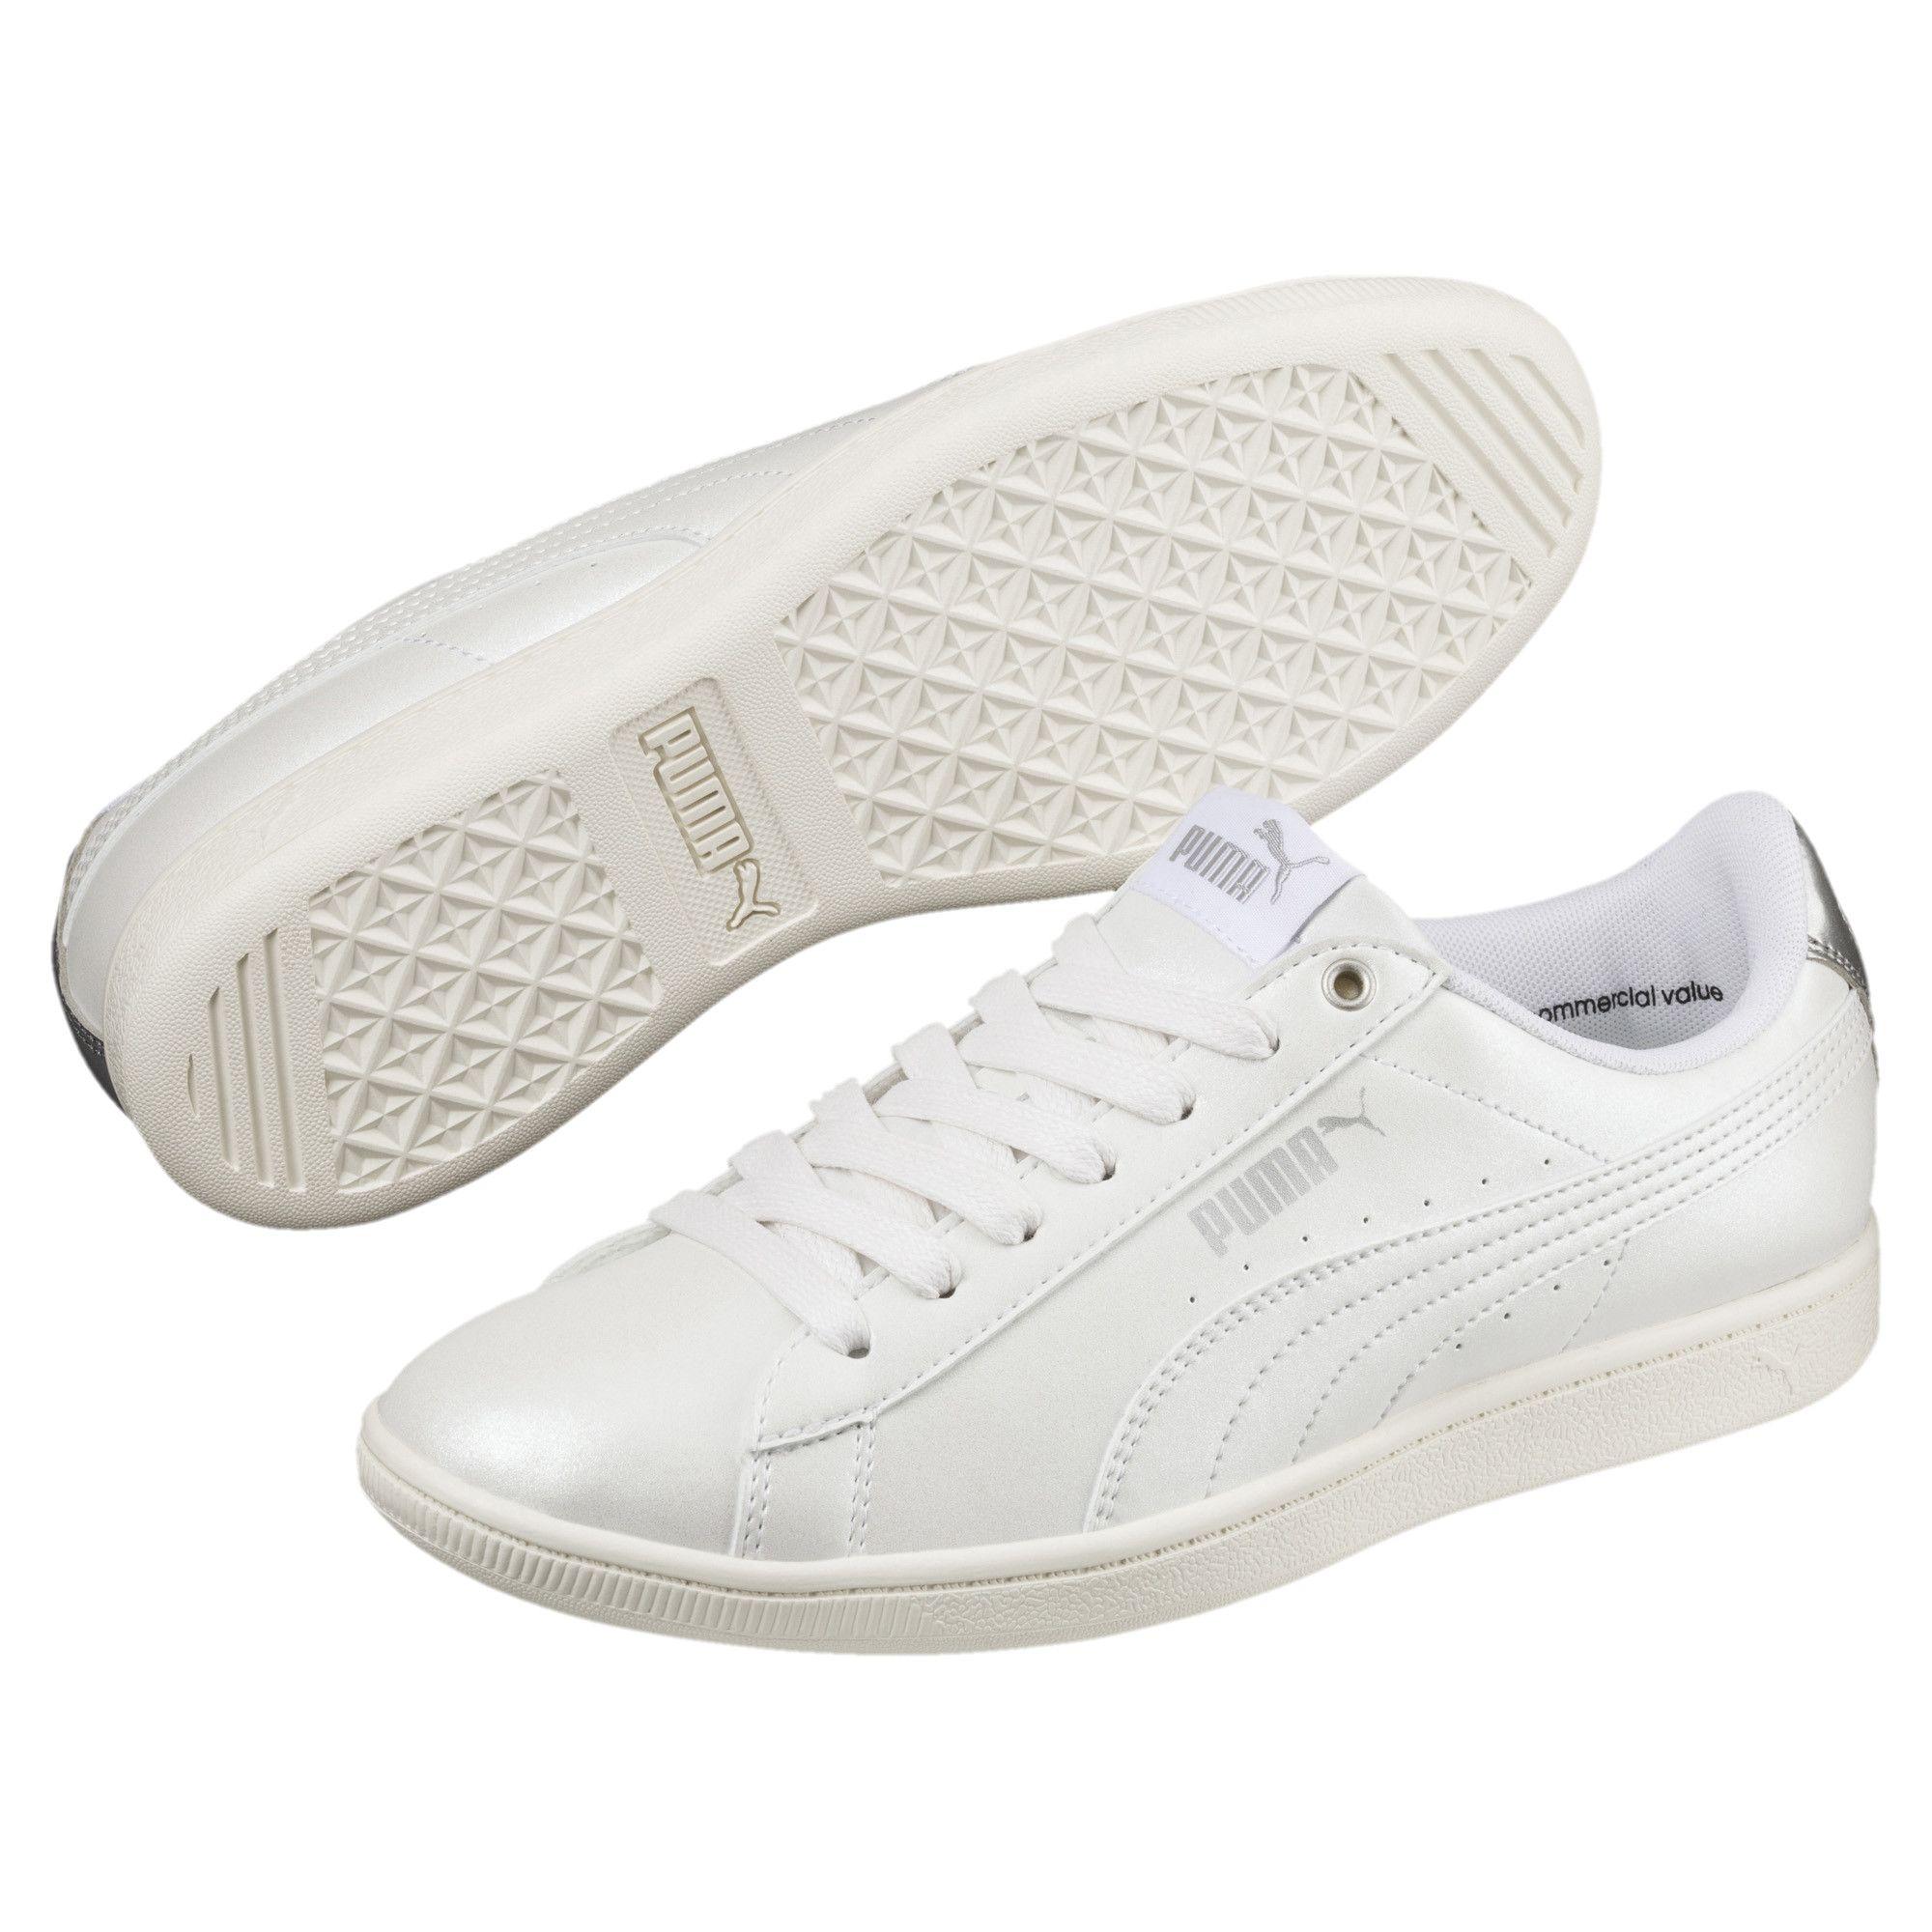 Puma Vikky LX Sneakers   PUMA US